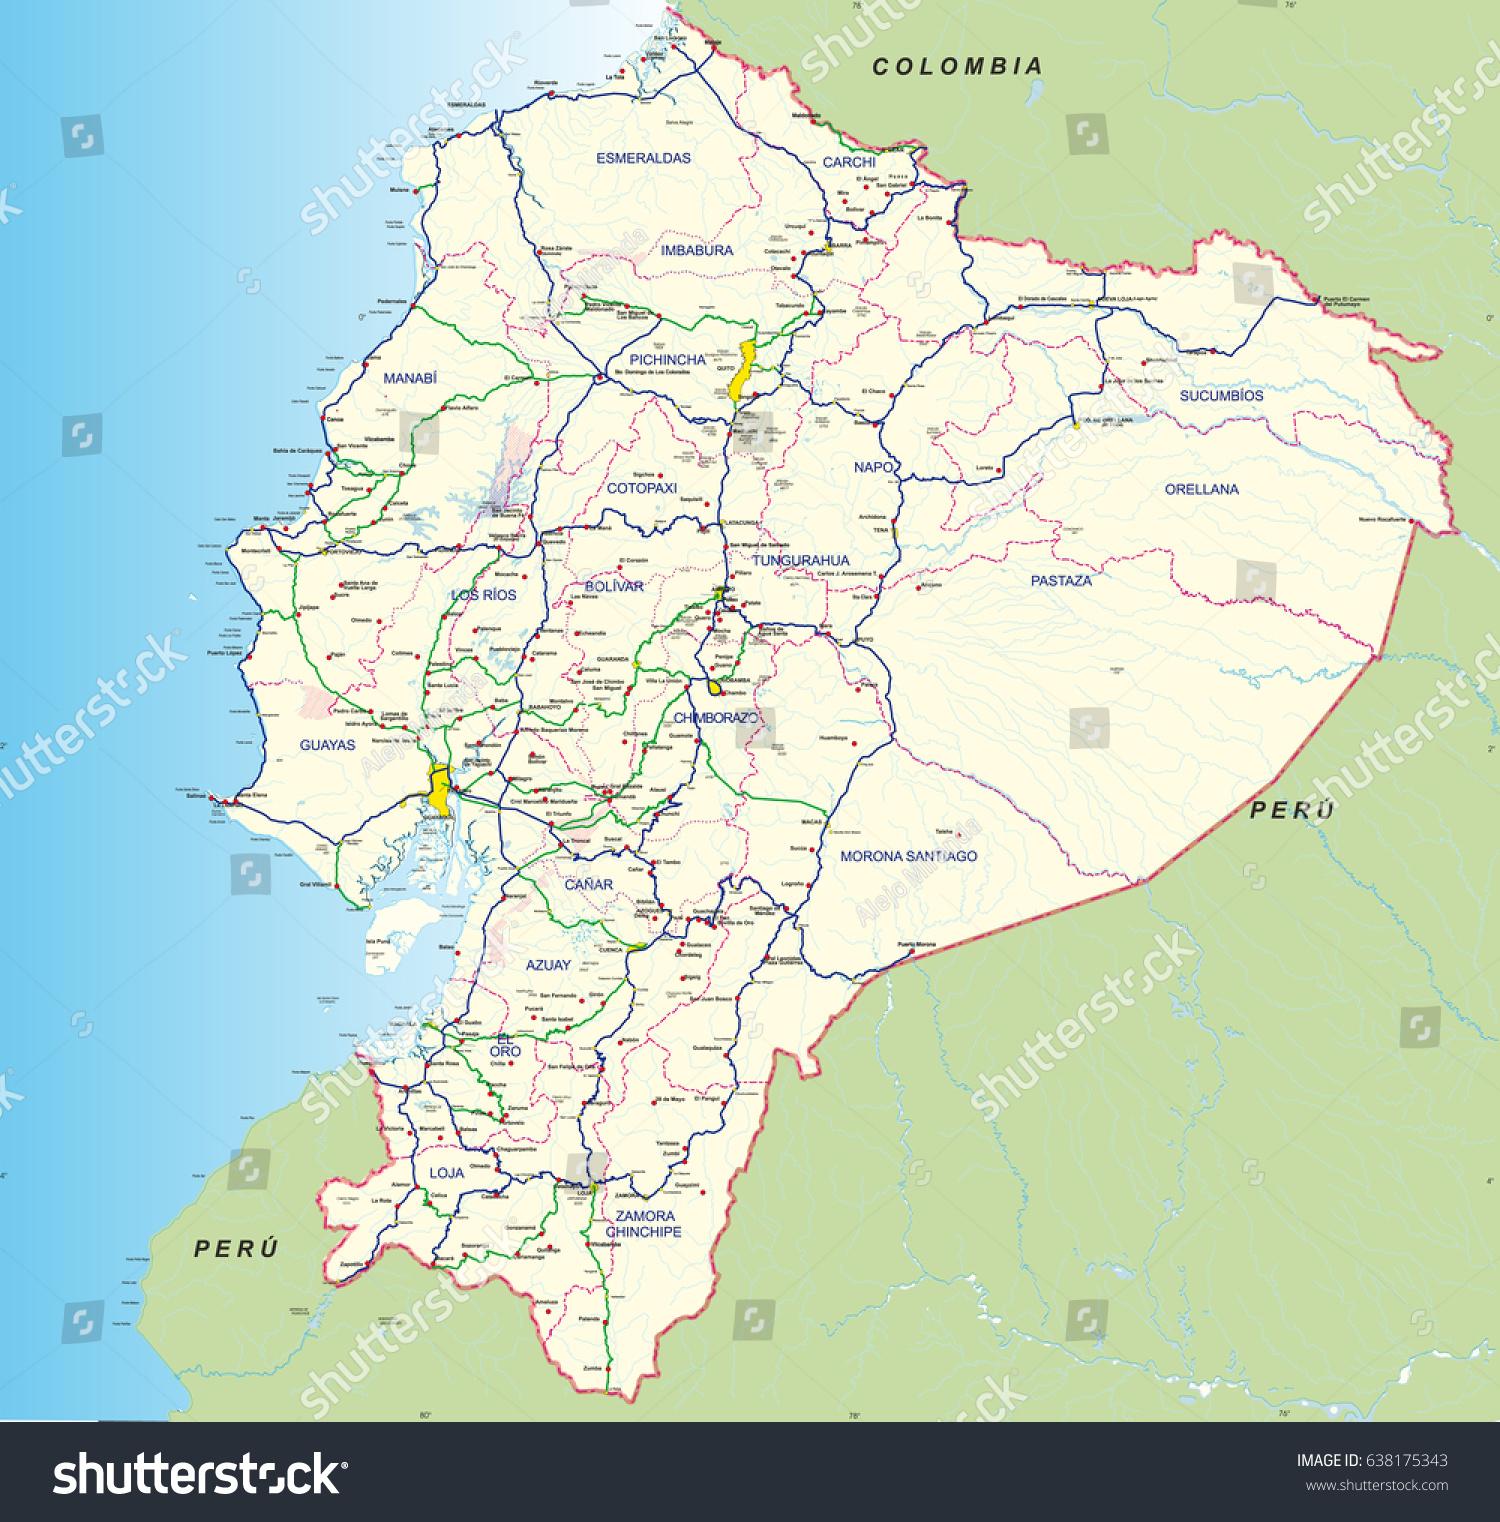 Ecuador Road Map Real Life Map Collection Mappery Ecuador Maps - Map of ecuador south america